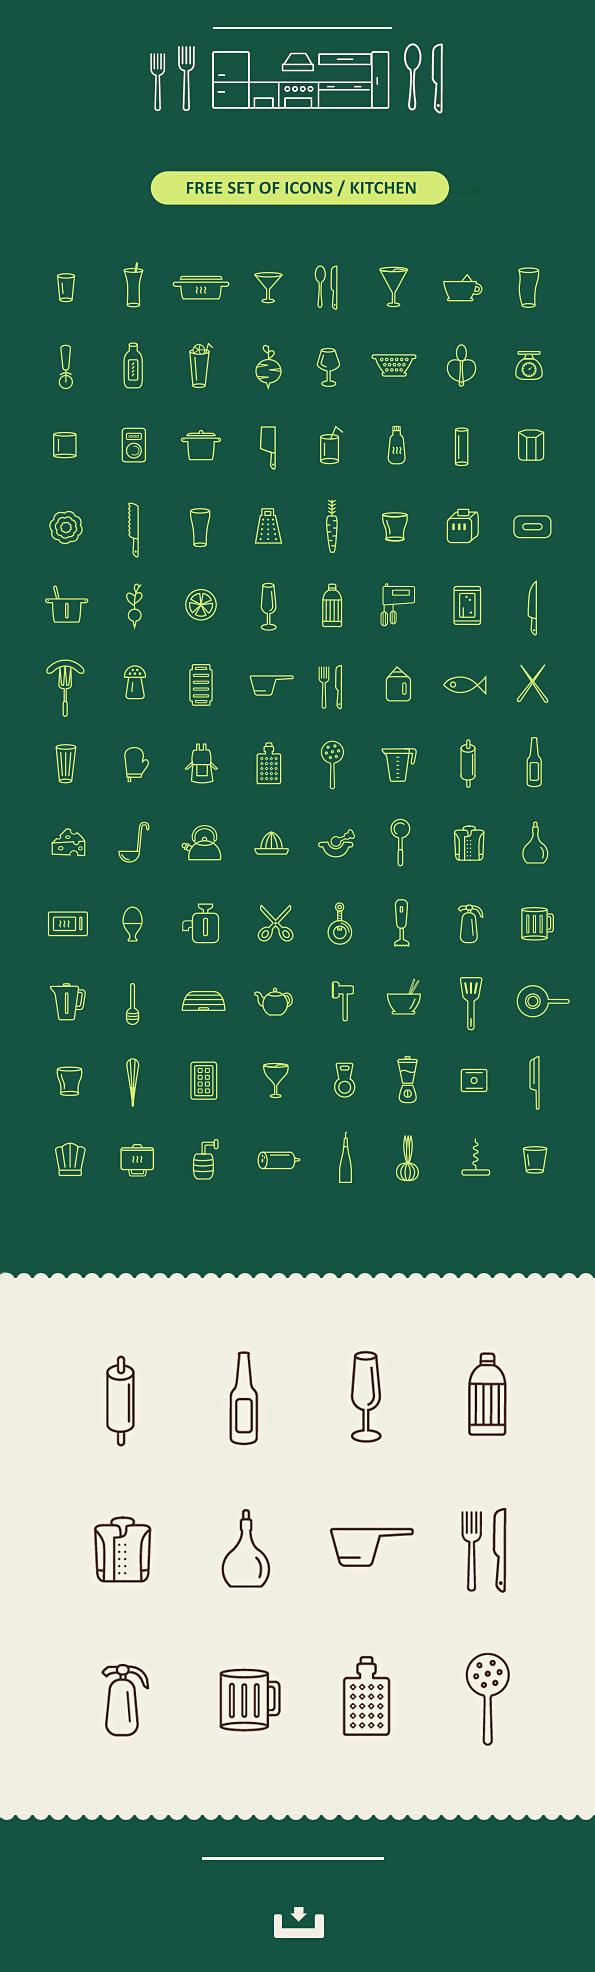 96 가지 무료 벡터 키친/주방 아이콘 - 96 Free Vector Kitchen Icons